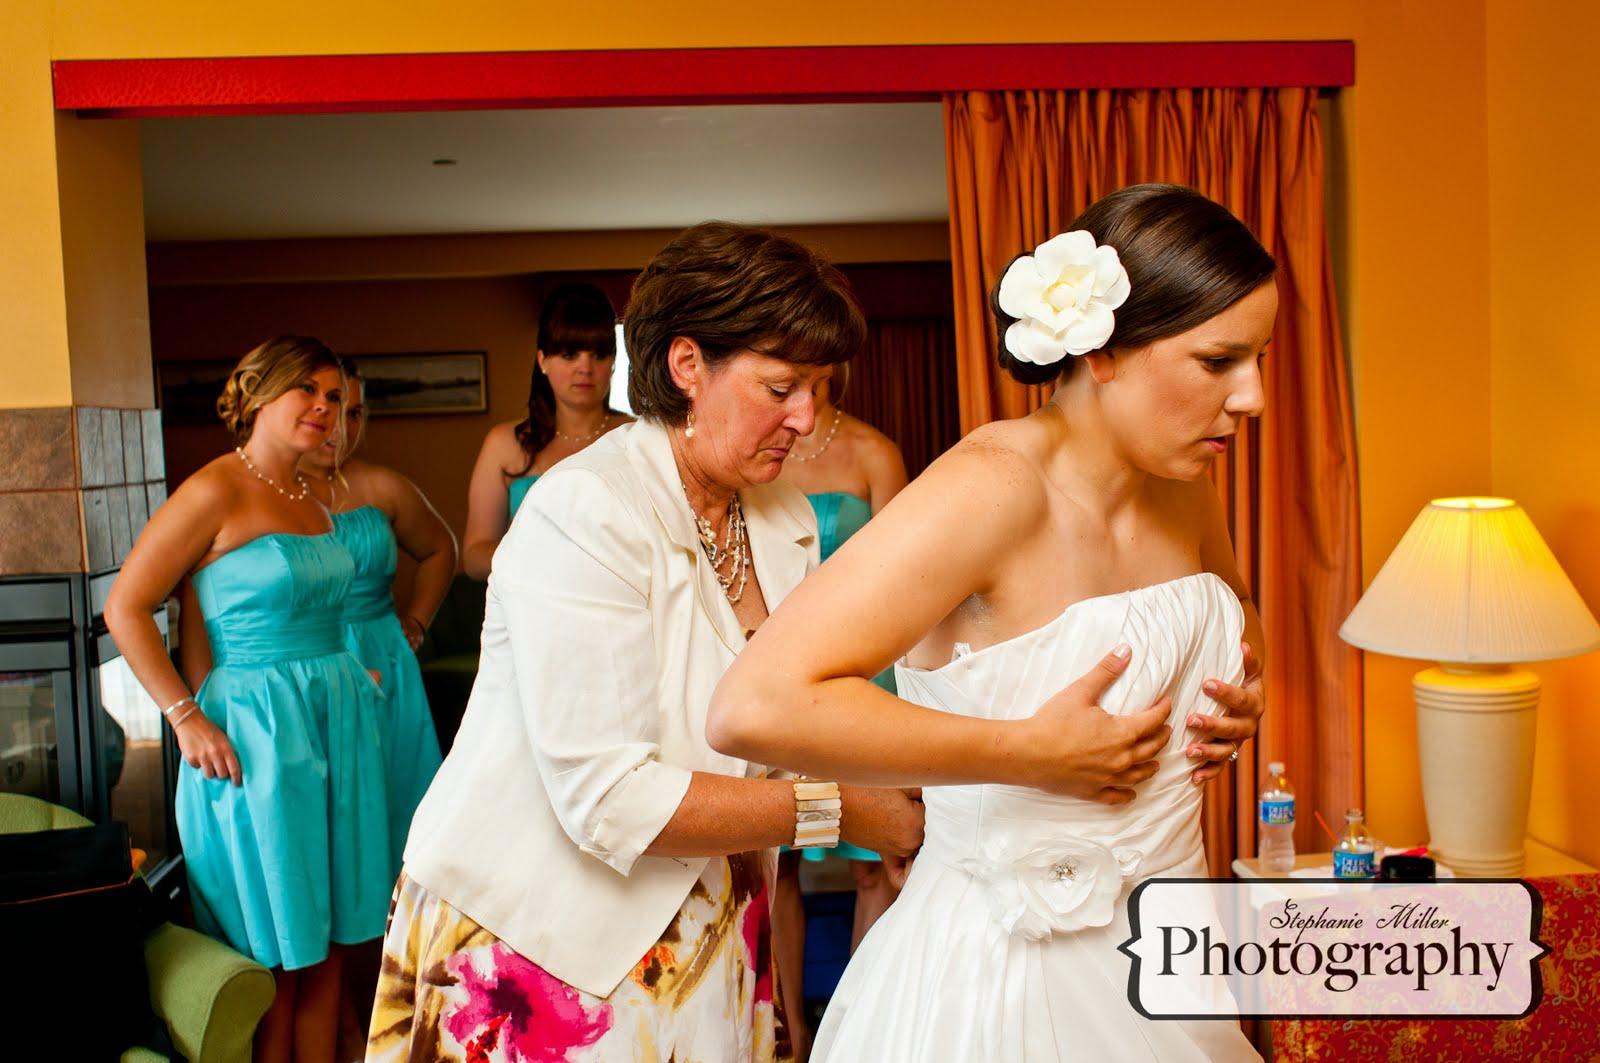 Invitation Backgrounds Wedding